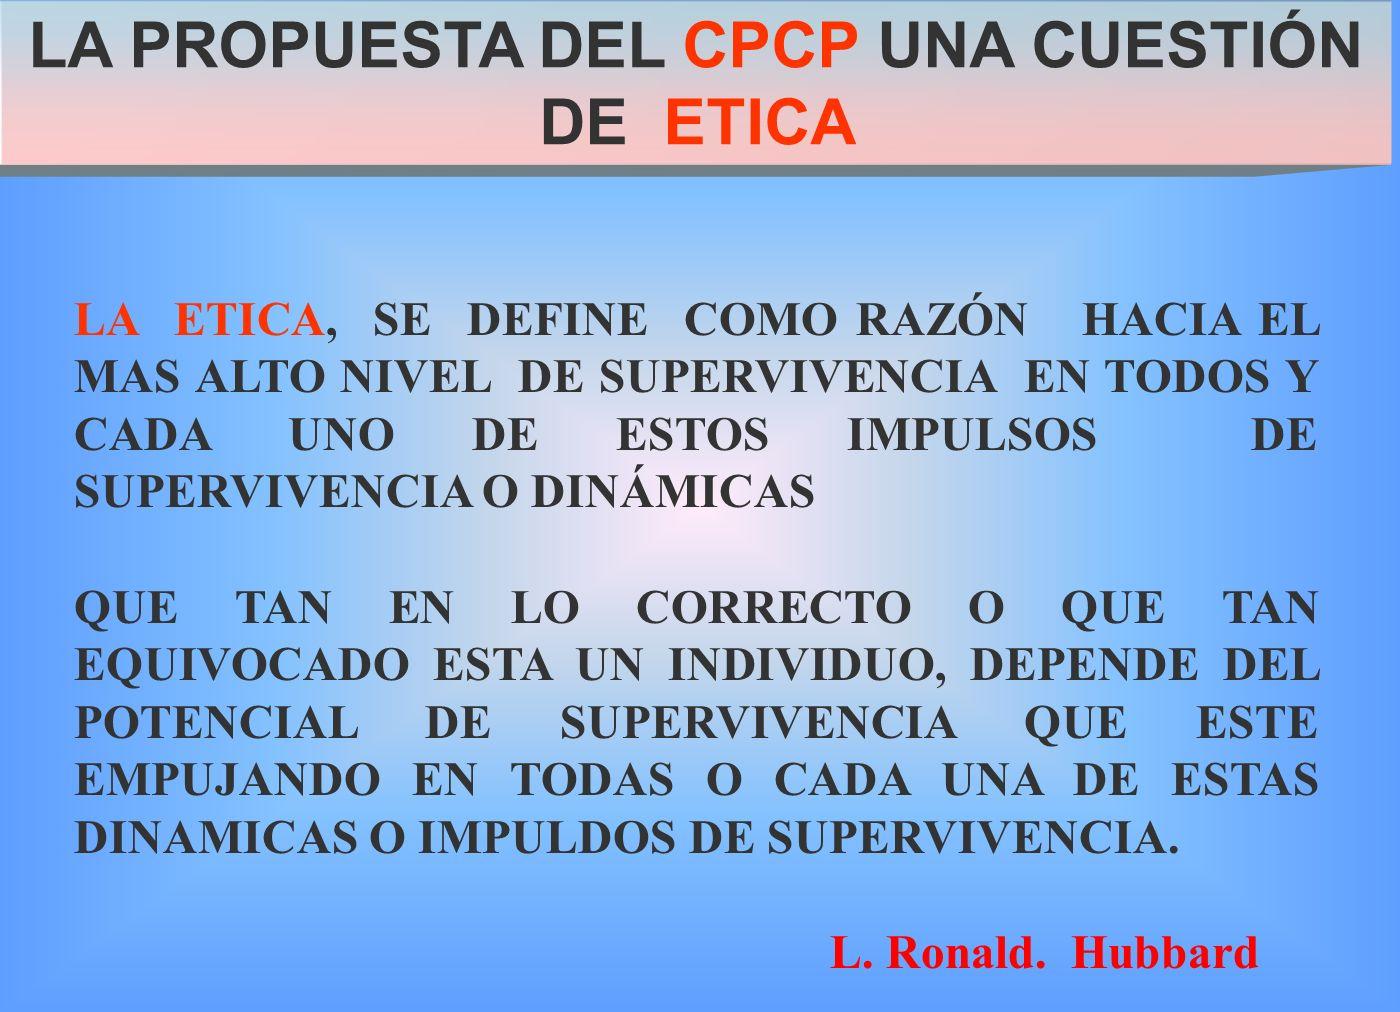 LA PROPUESTA DEL CPCP UNA CUESTIÓN DE ETICA